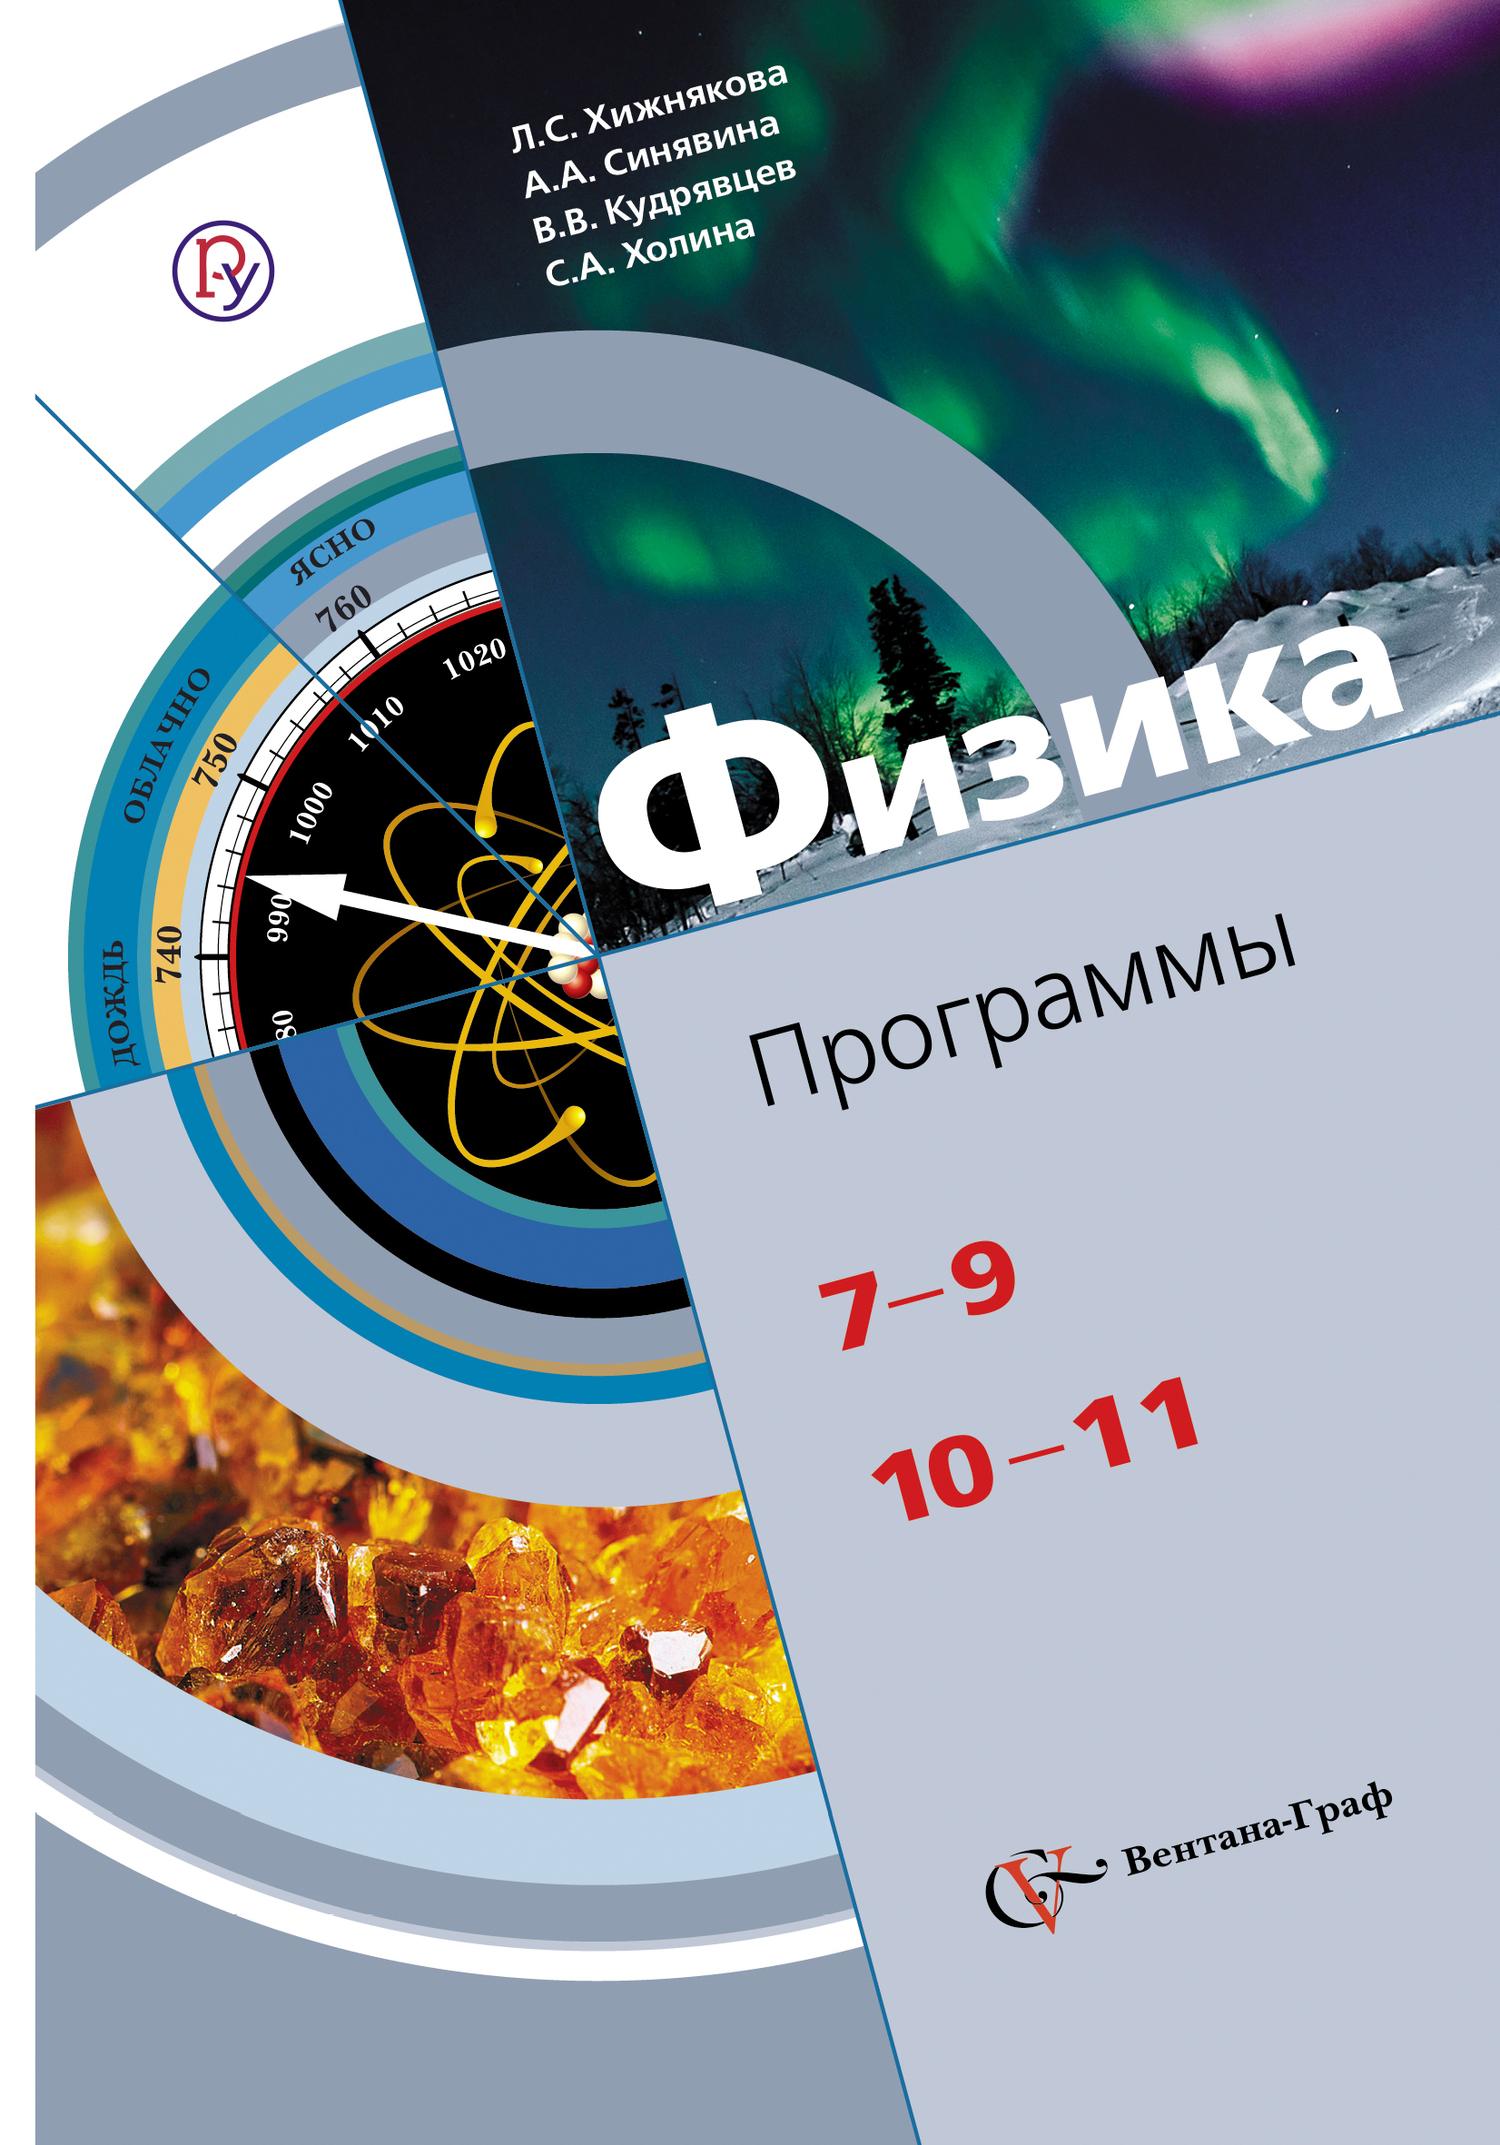 В. В. Кудрявцев Физика. Программы. 7–9 классы, 10–11 классы алгебра 7 9 классы